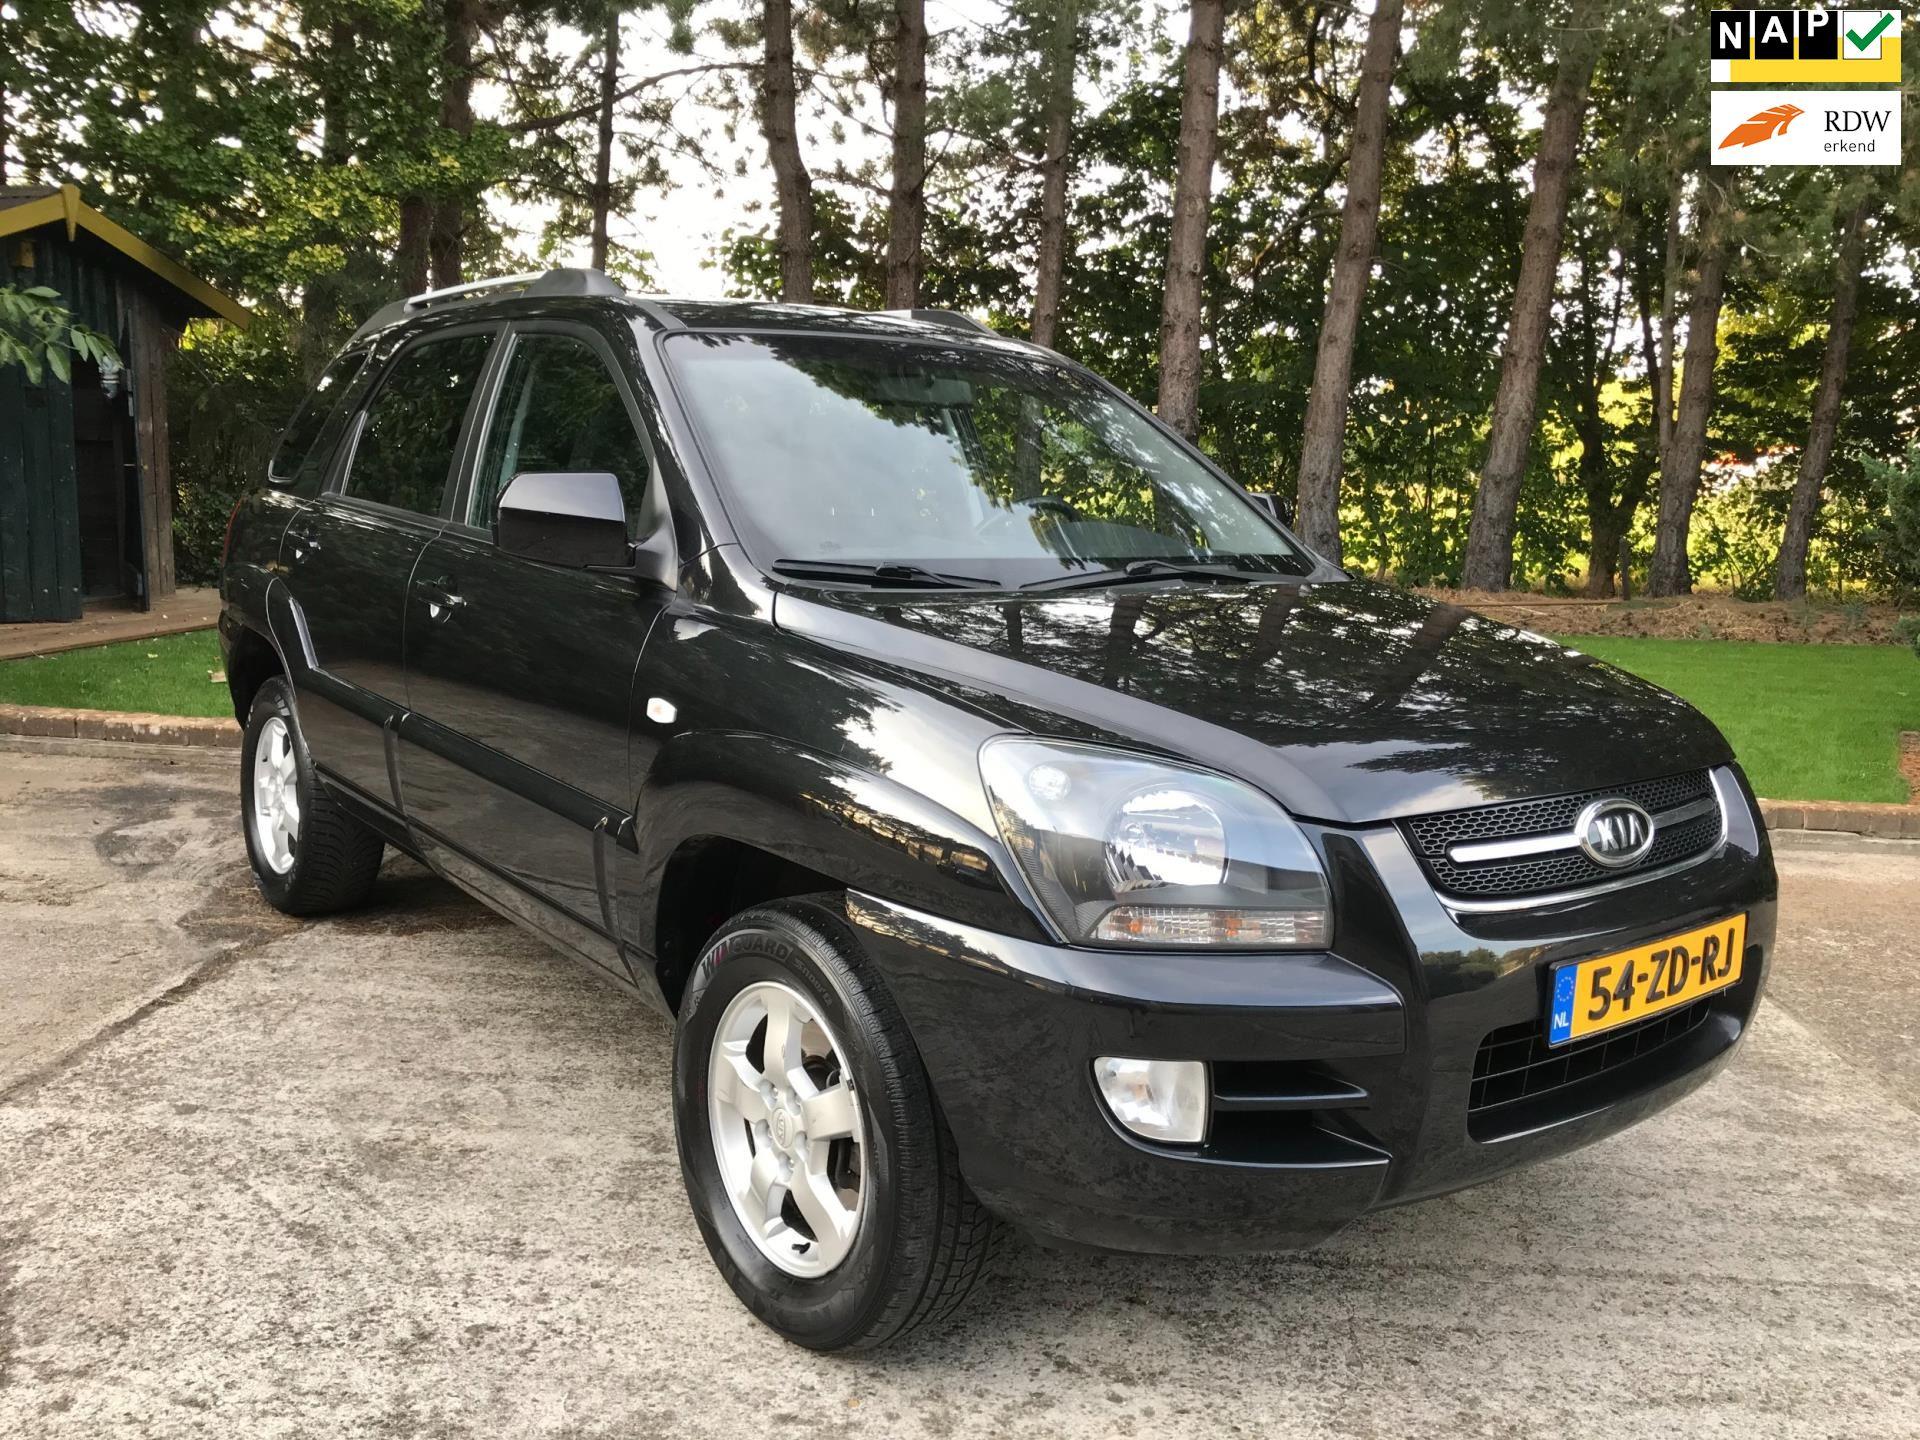 Kia Sportage occasion - Autobedrijf Kerkri